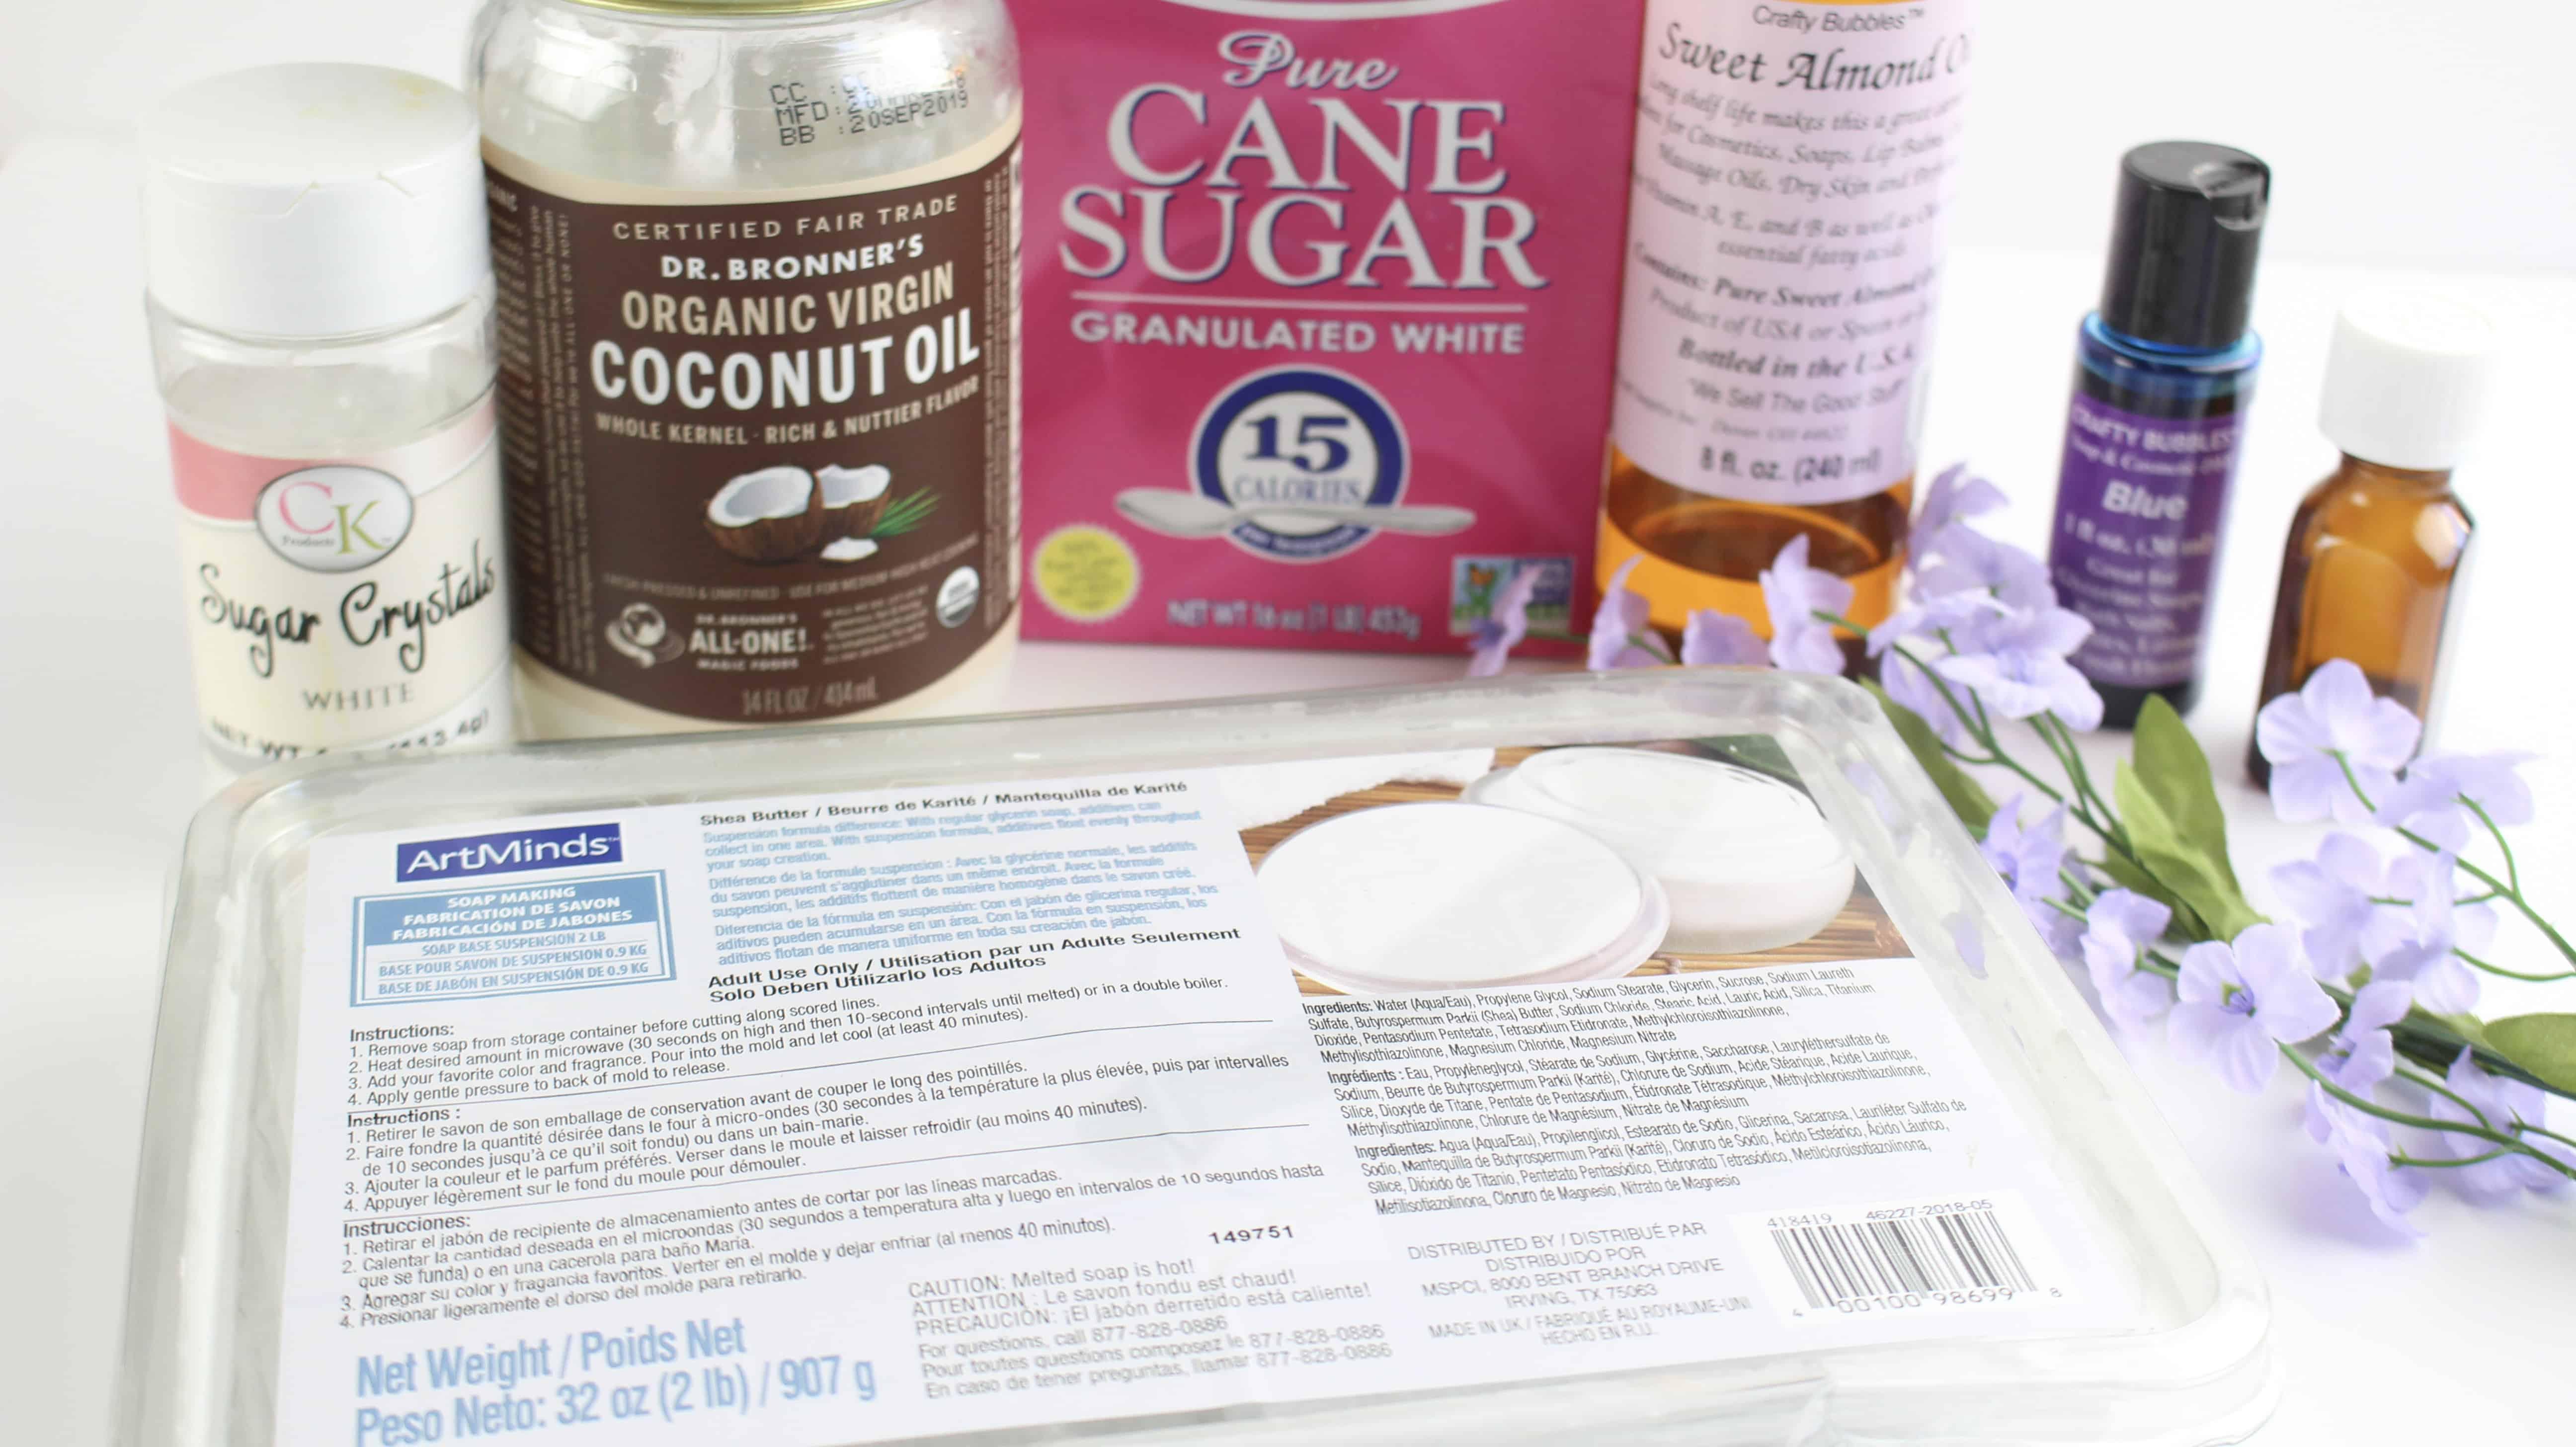 Sugar Cube Scrub ingredients